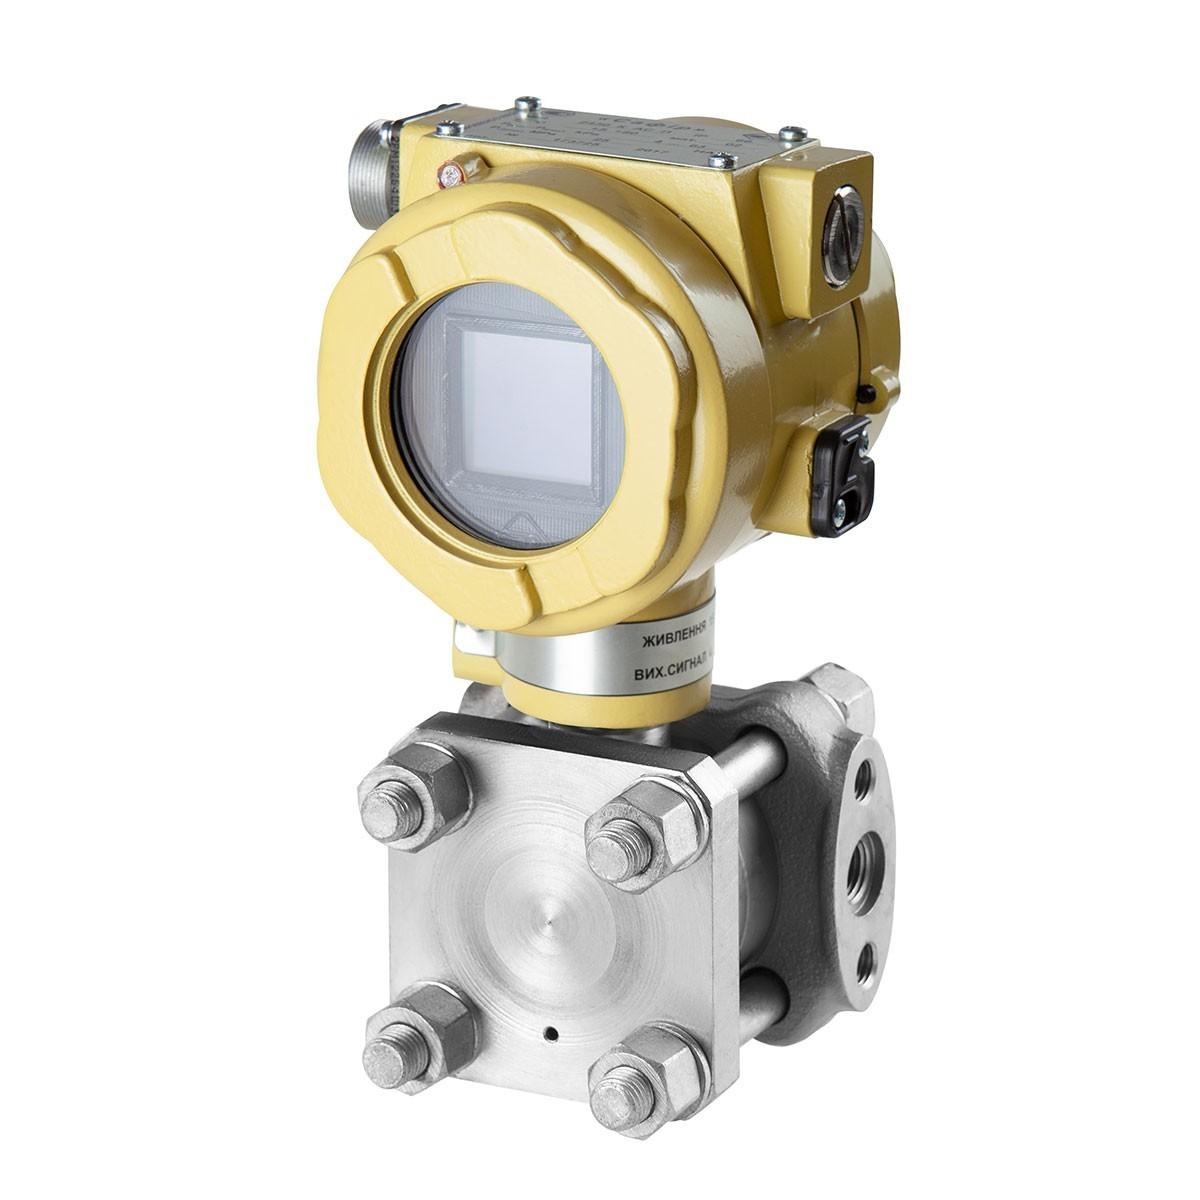 Smart Gauge Pressure Transmitters Safir 2110, 2210, 2310, 2120, 2215, 2220, 2315, 2320 K